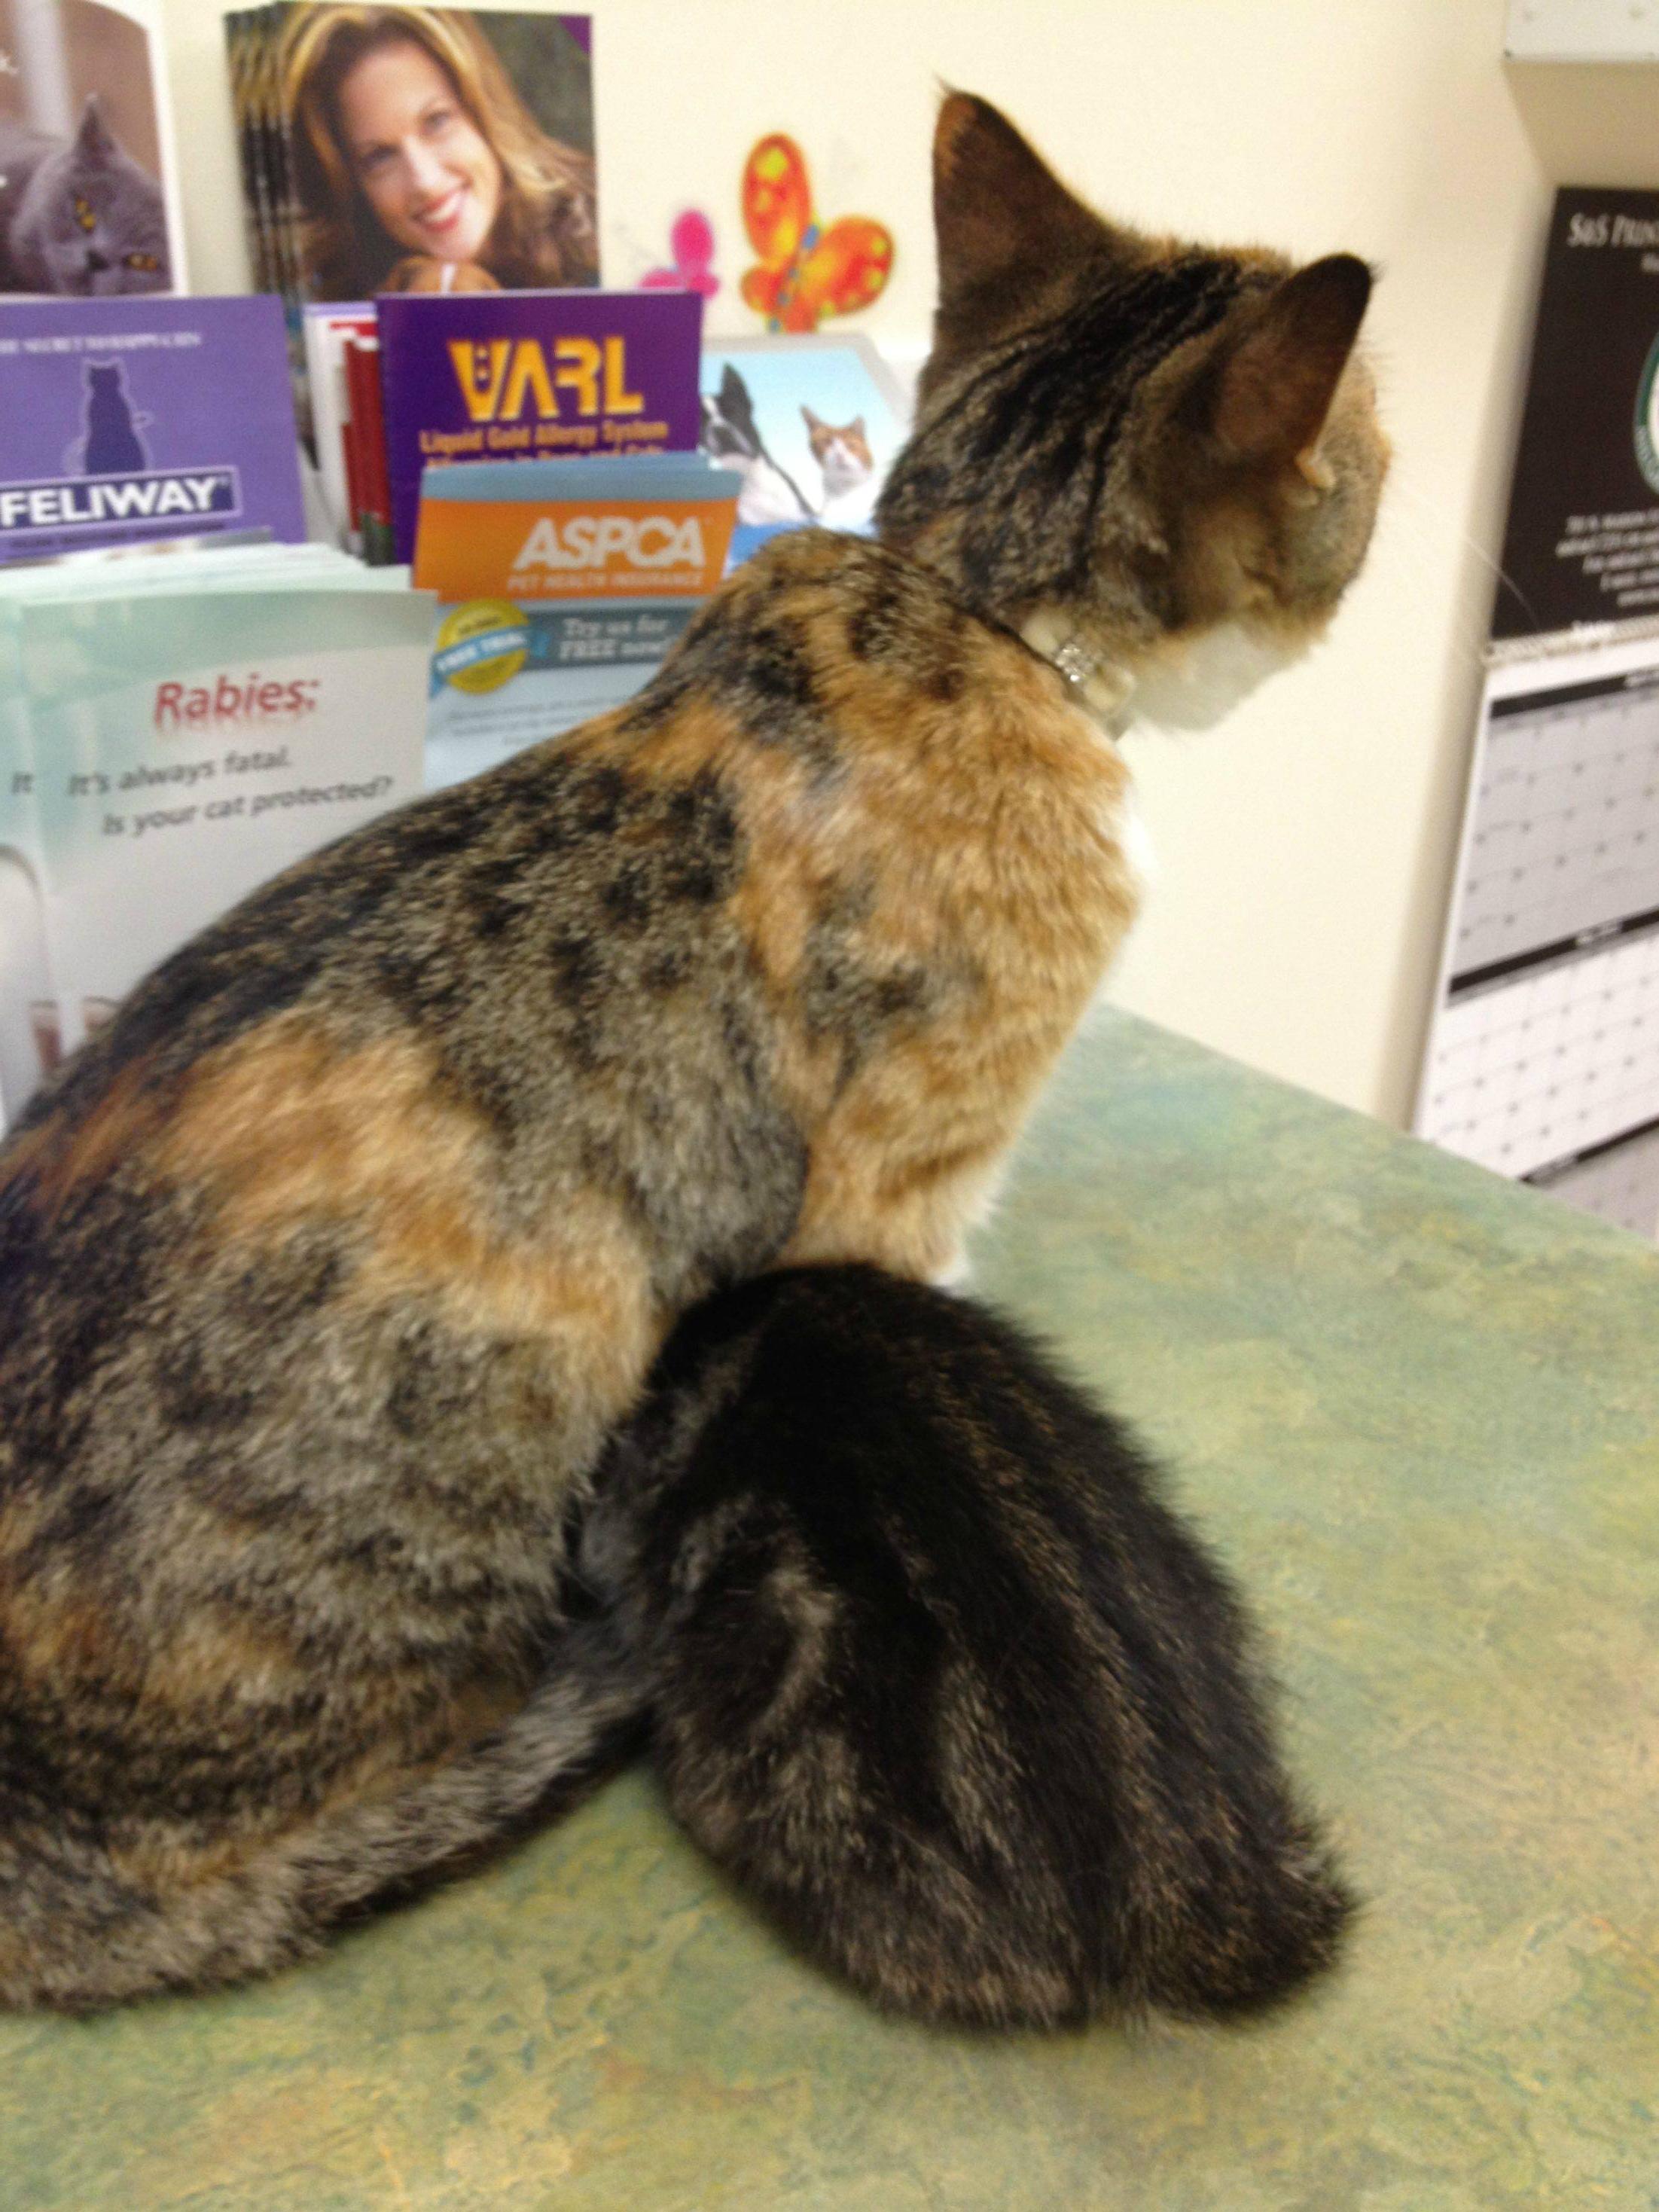 bebé de gato escondiéndose en el veterinario